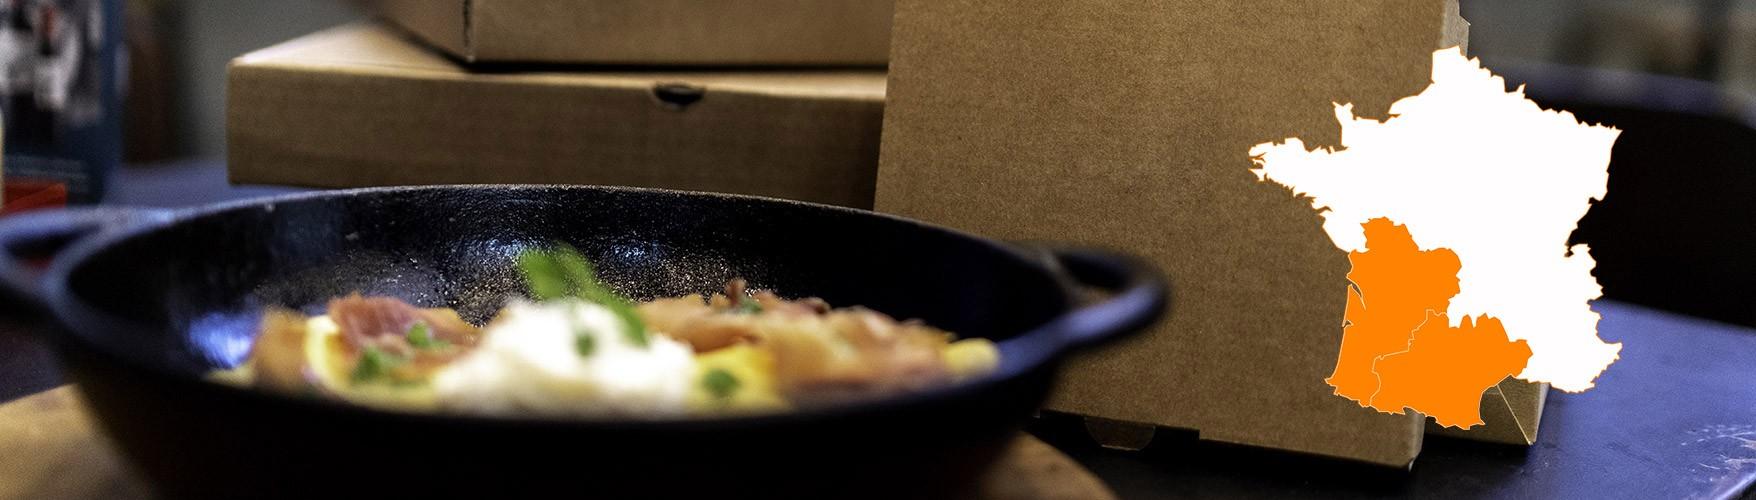 Vente à emporter - Sud-Ouest France - Restaurants les Collectionneurs